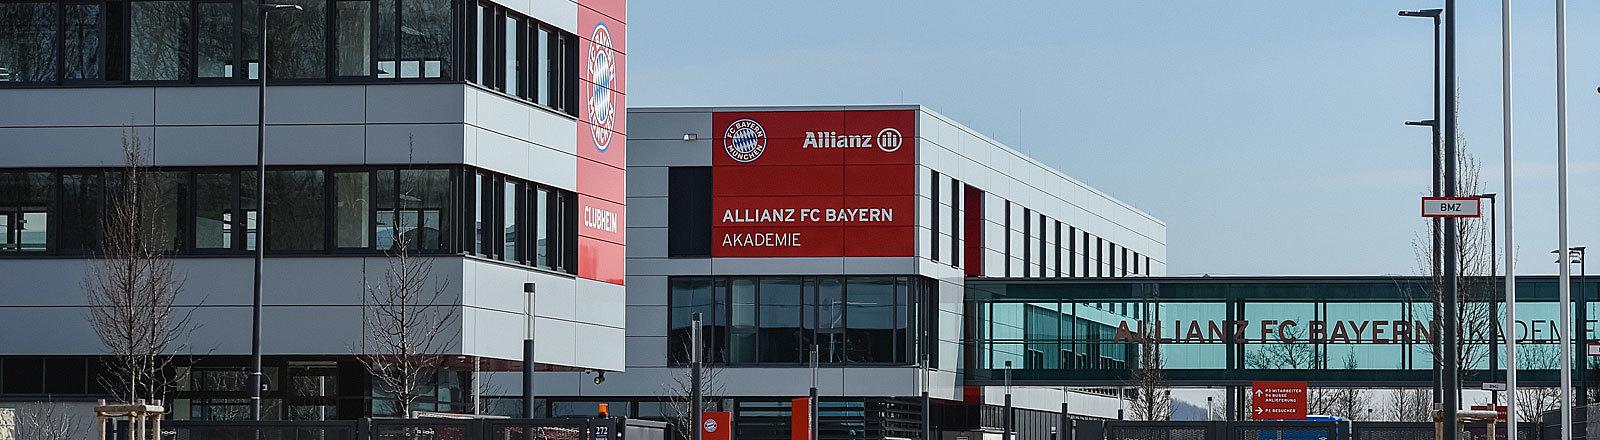 Blick durch das Eingangstor auf das Gelände des FC Bayern Campus.